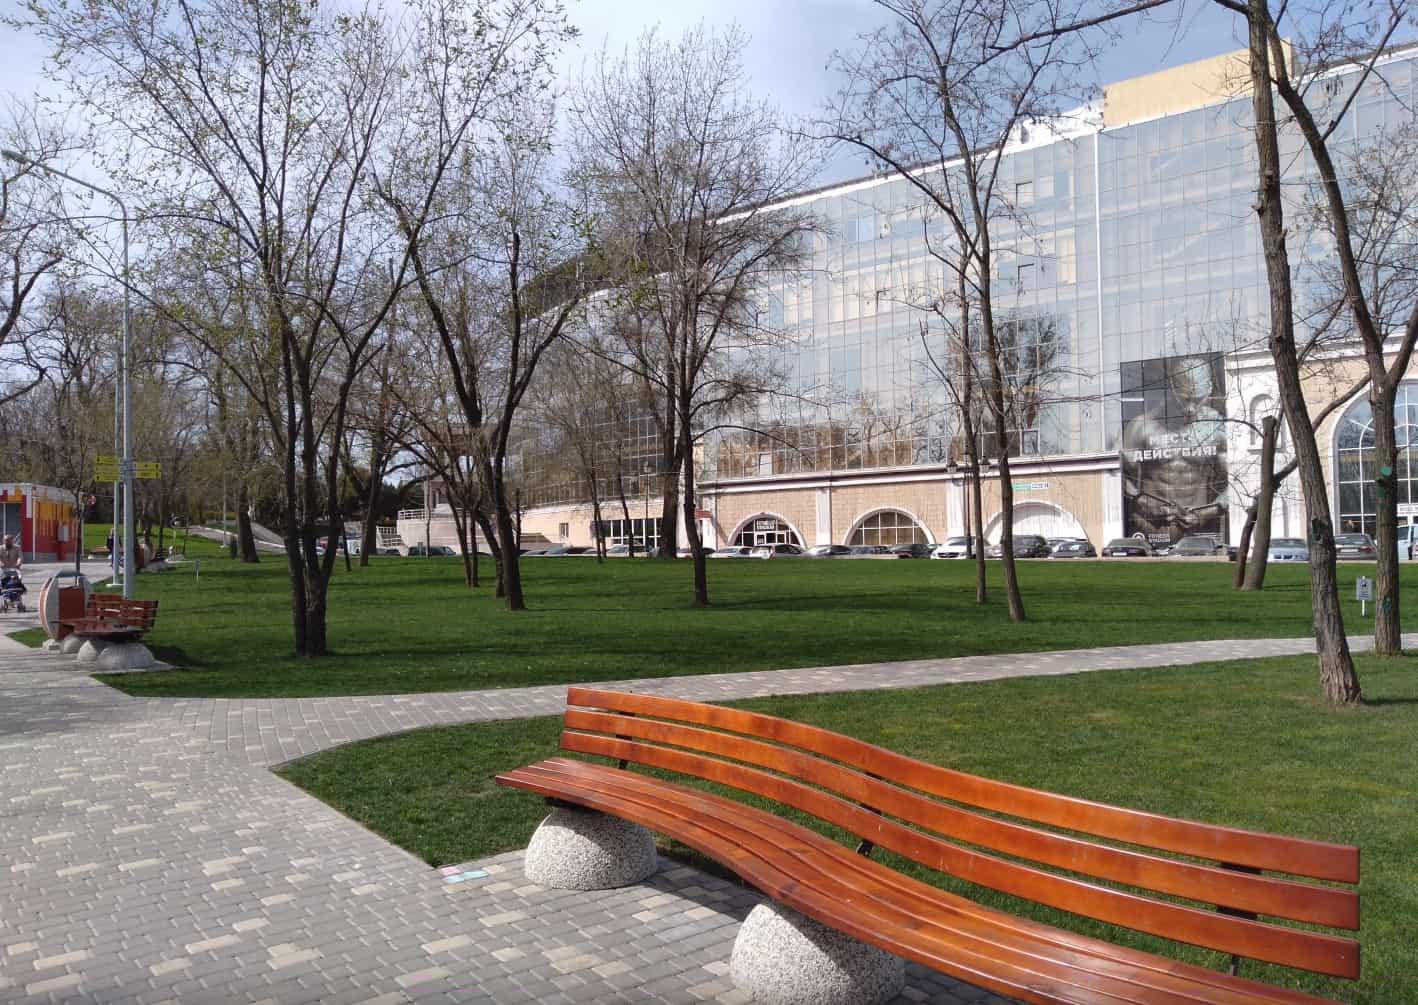 Фотосъемка днём в парке